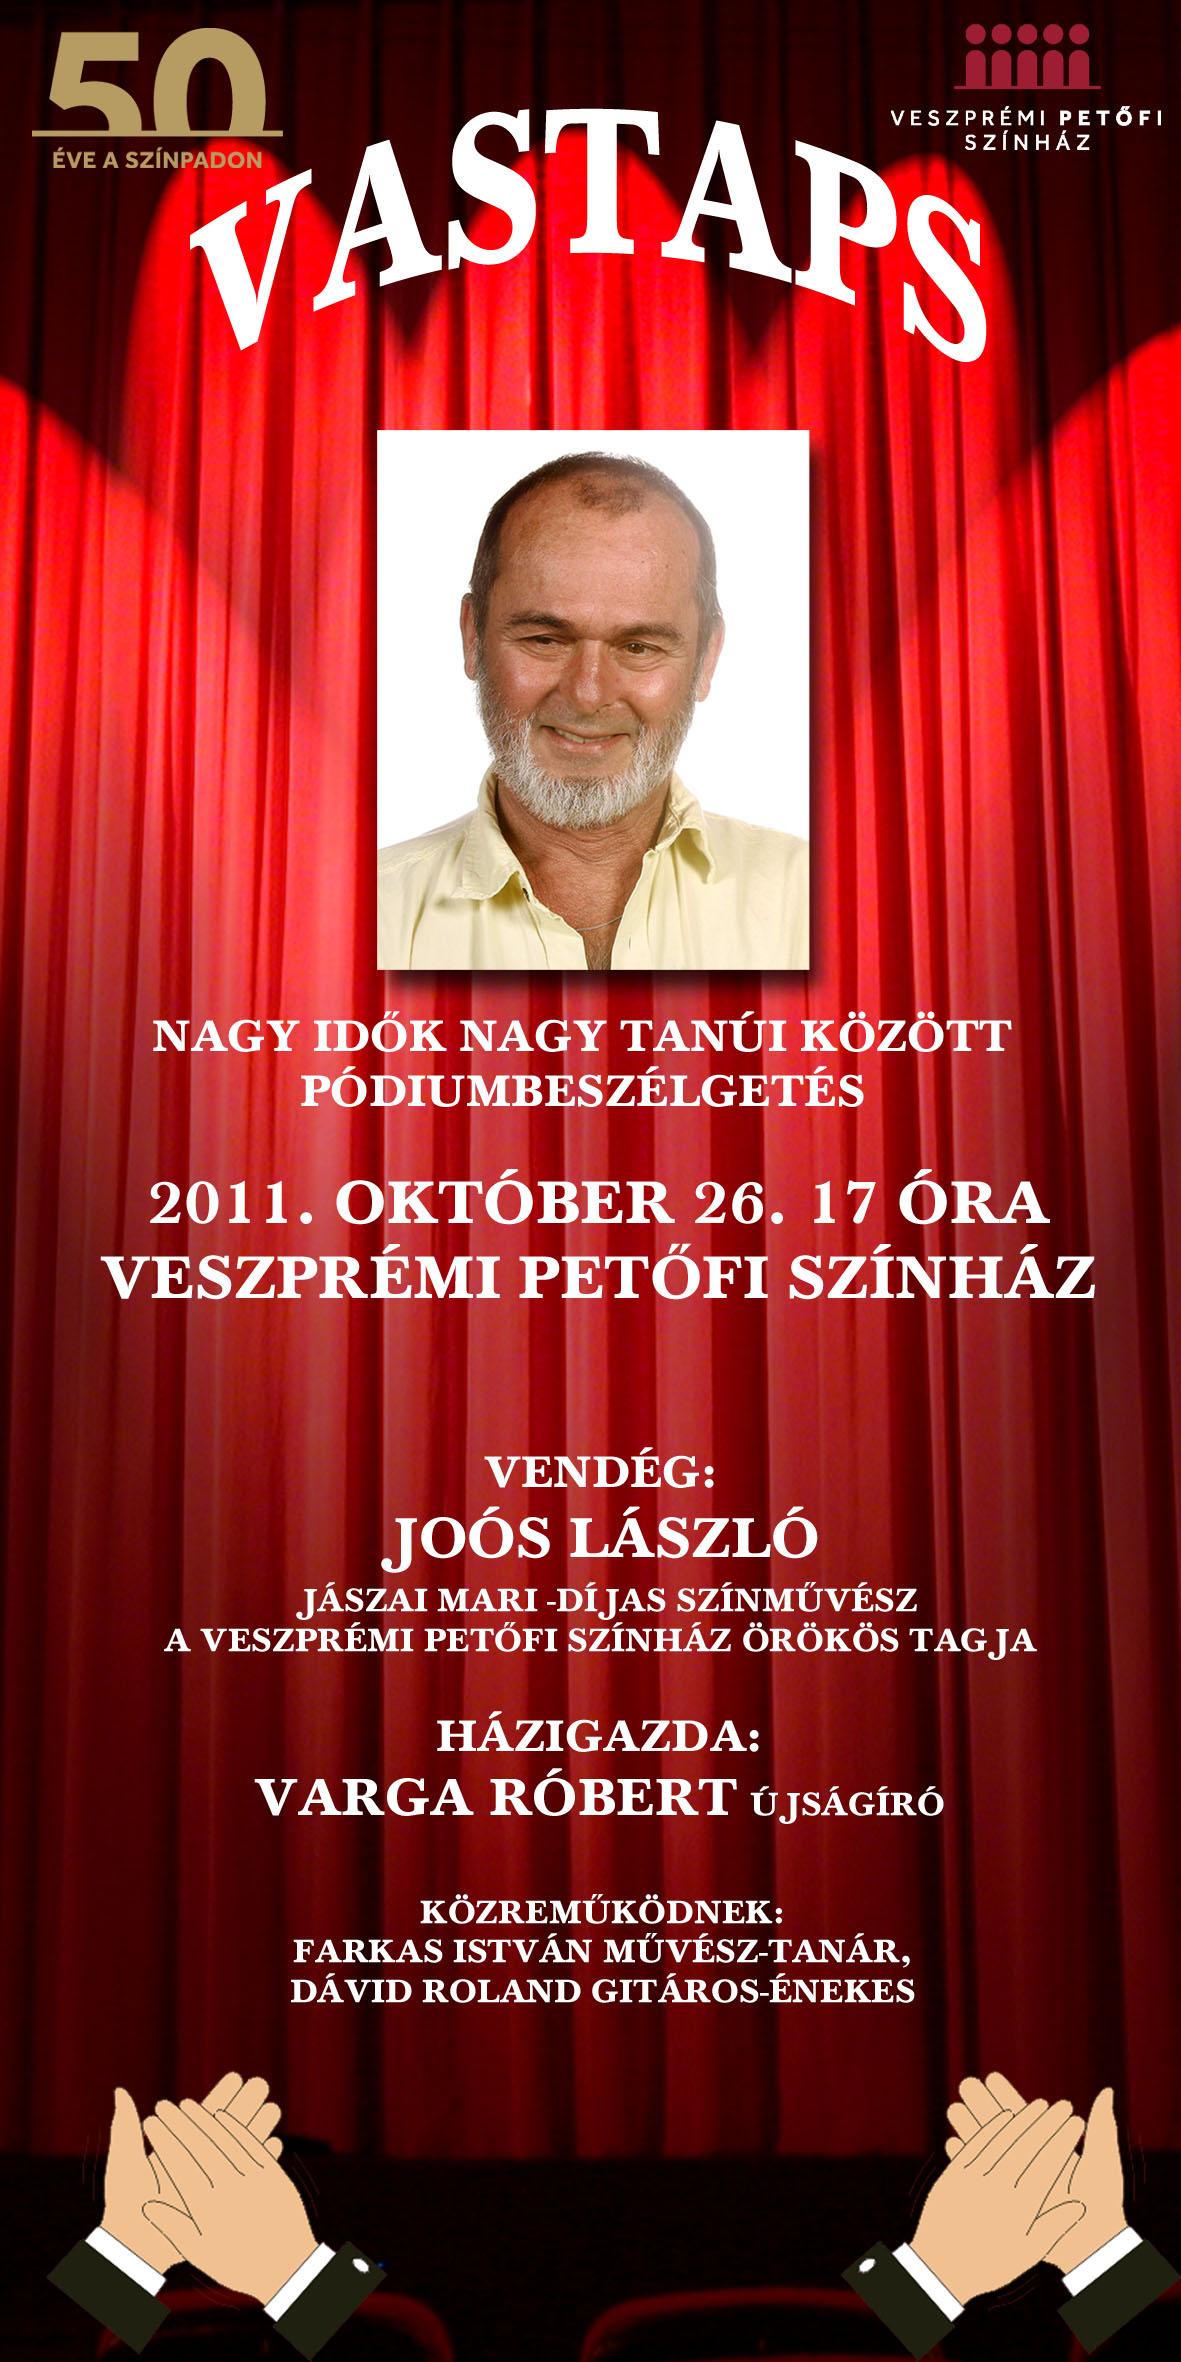 Joos_laszlo